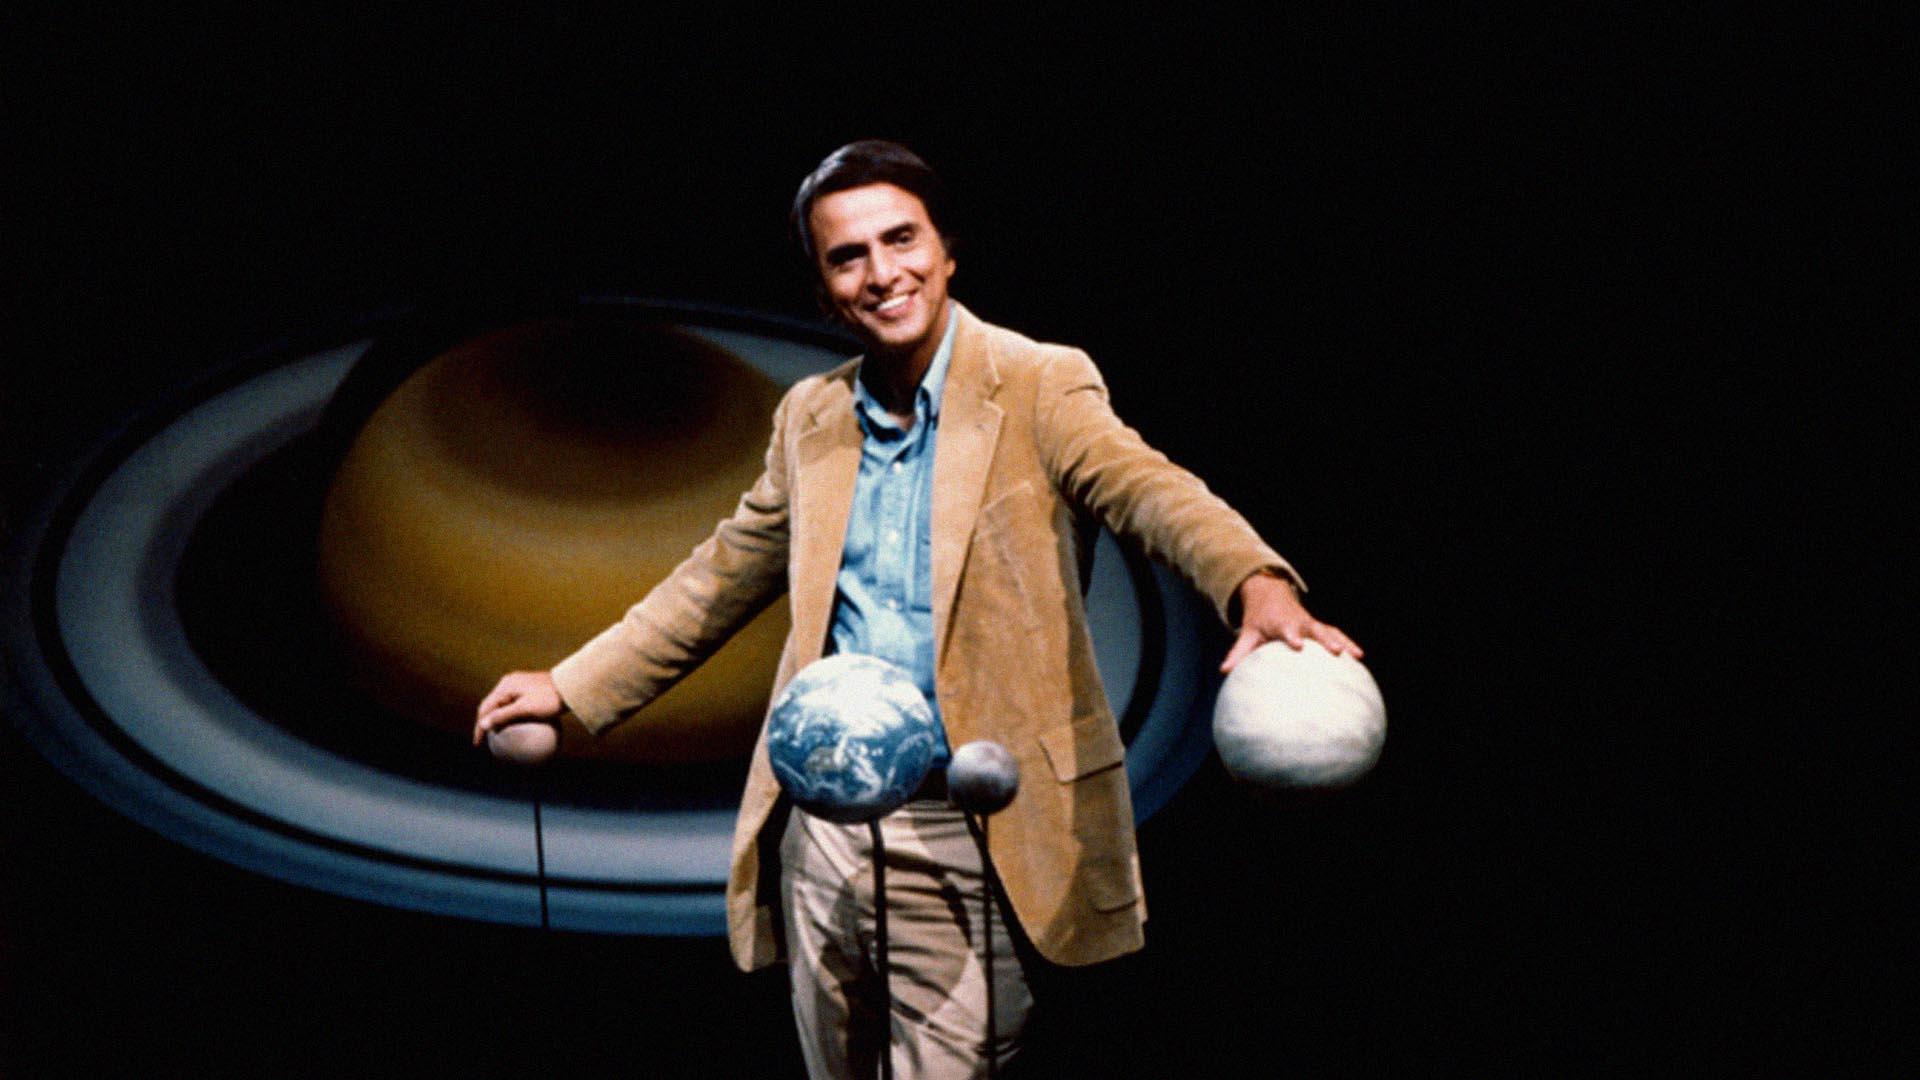 Cosmos, na beira do océano cósmico. Carl Sagan